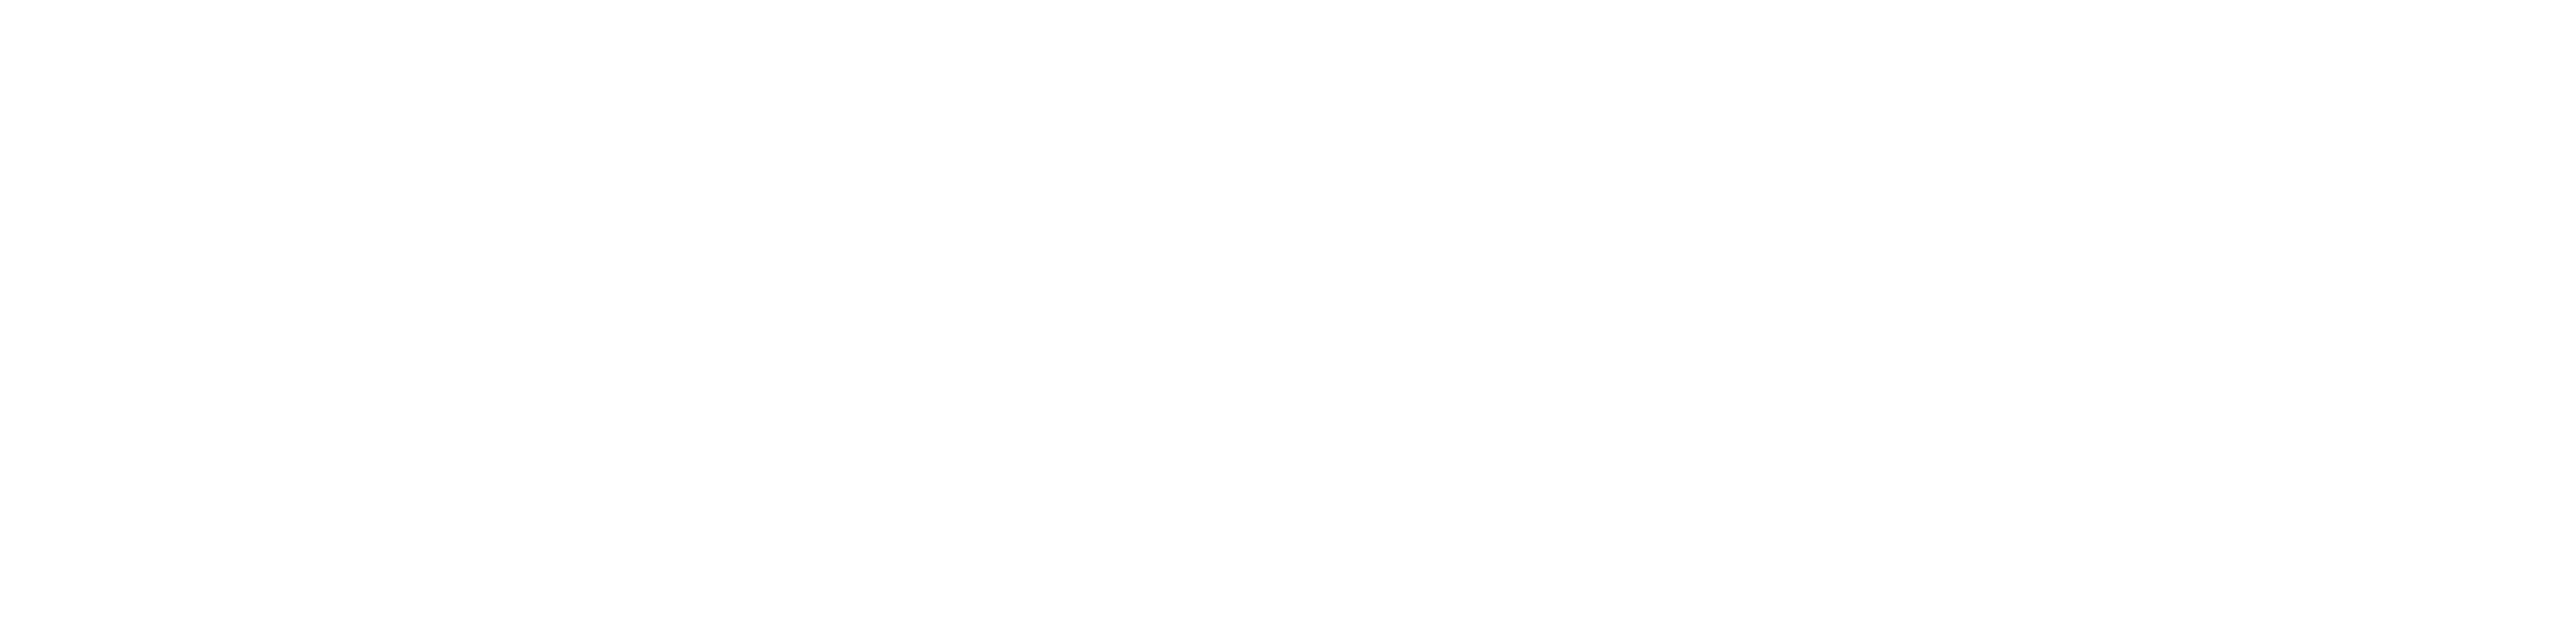 Logo-web-studio-borghi_Tavola disegno 1 copia